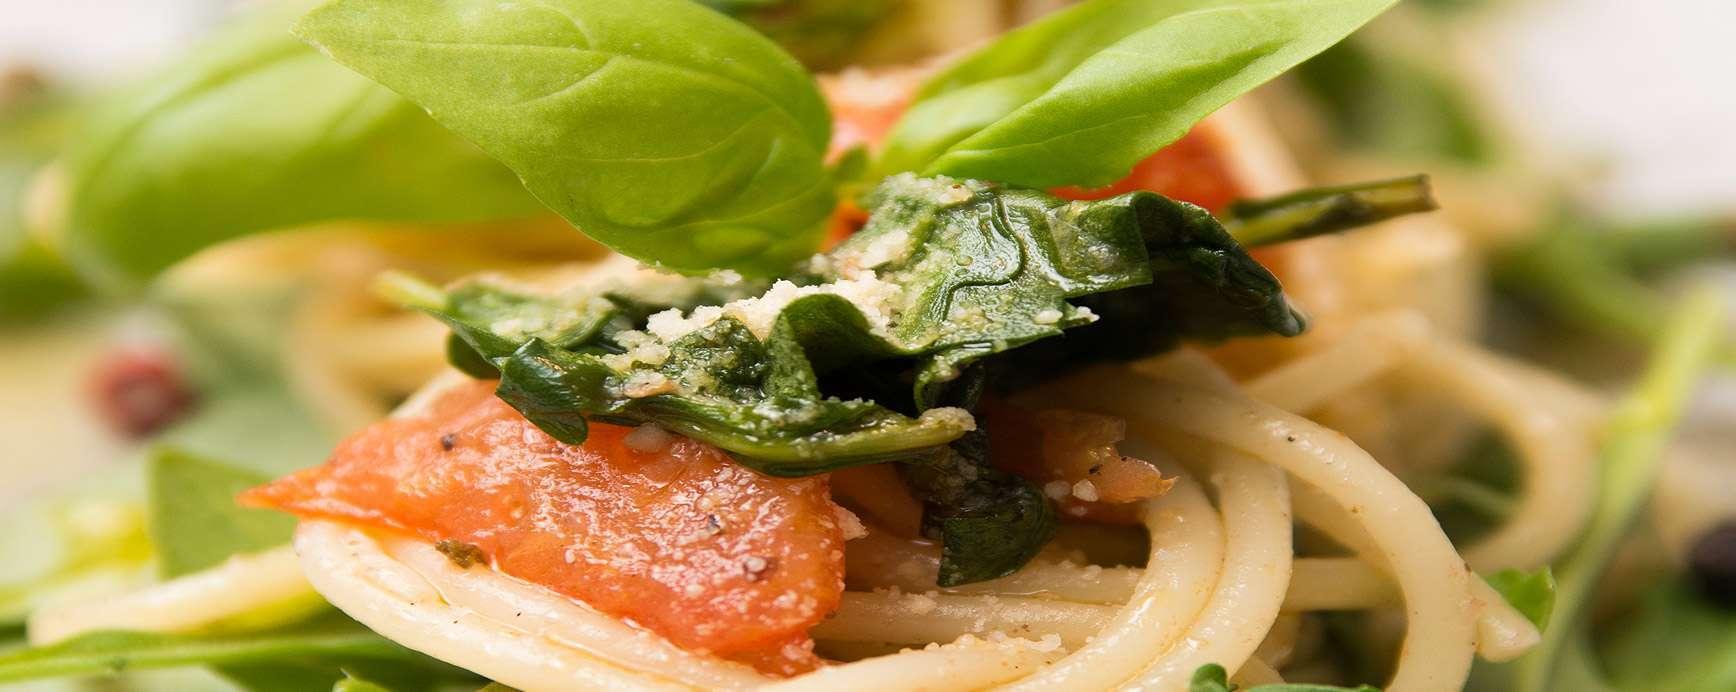 Dinkelspaghetti-Rezept mit Rucola